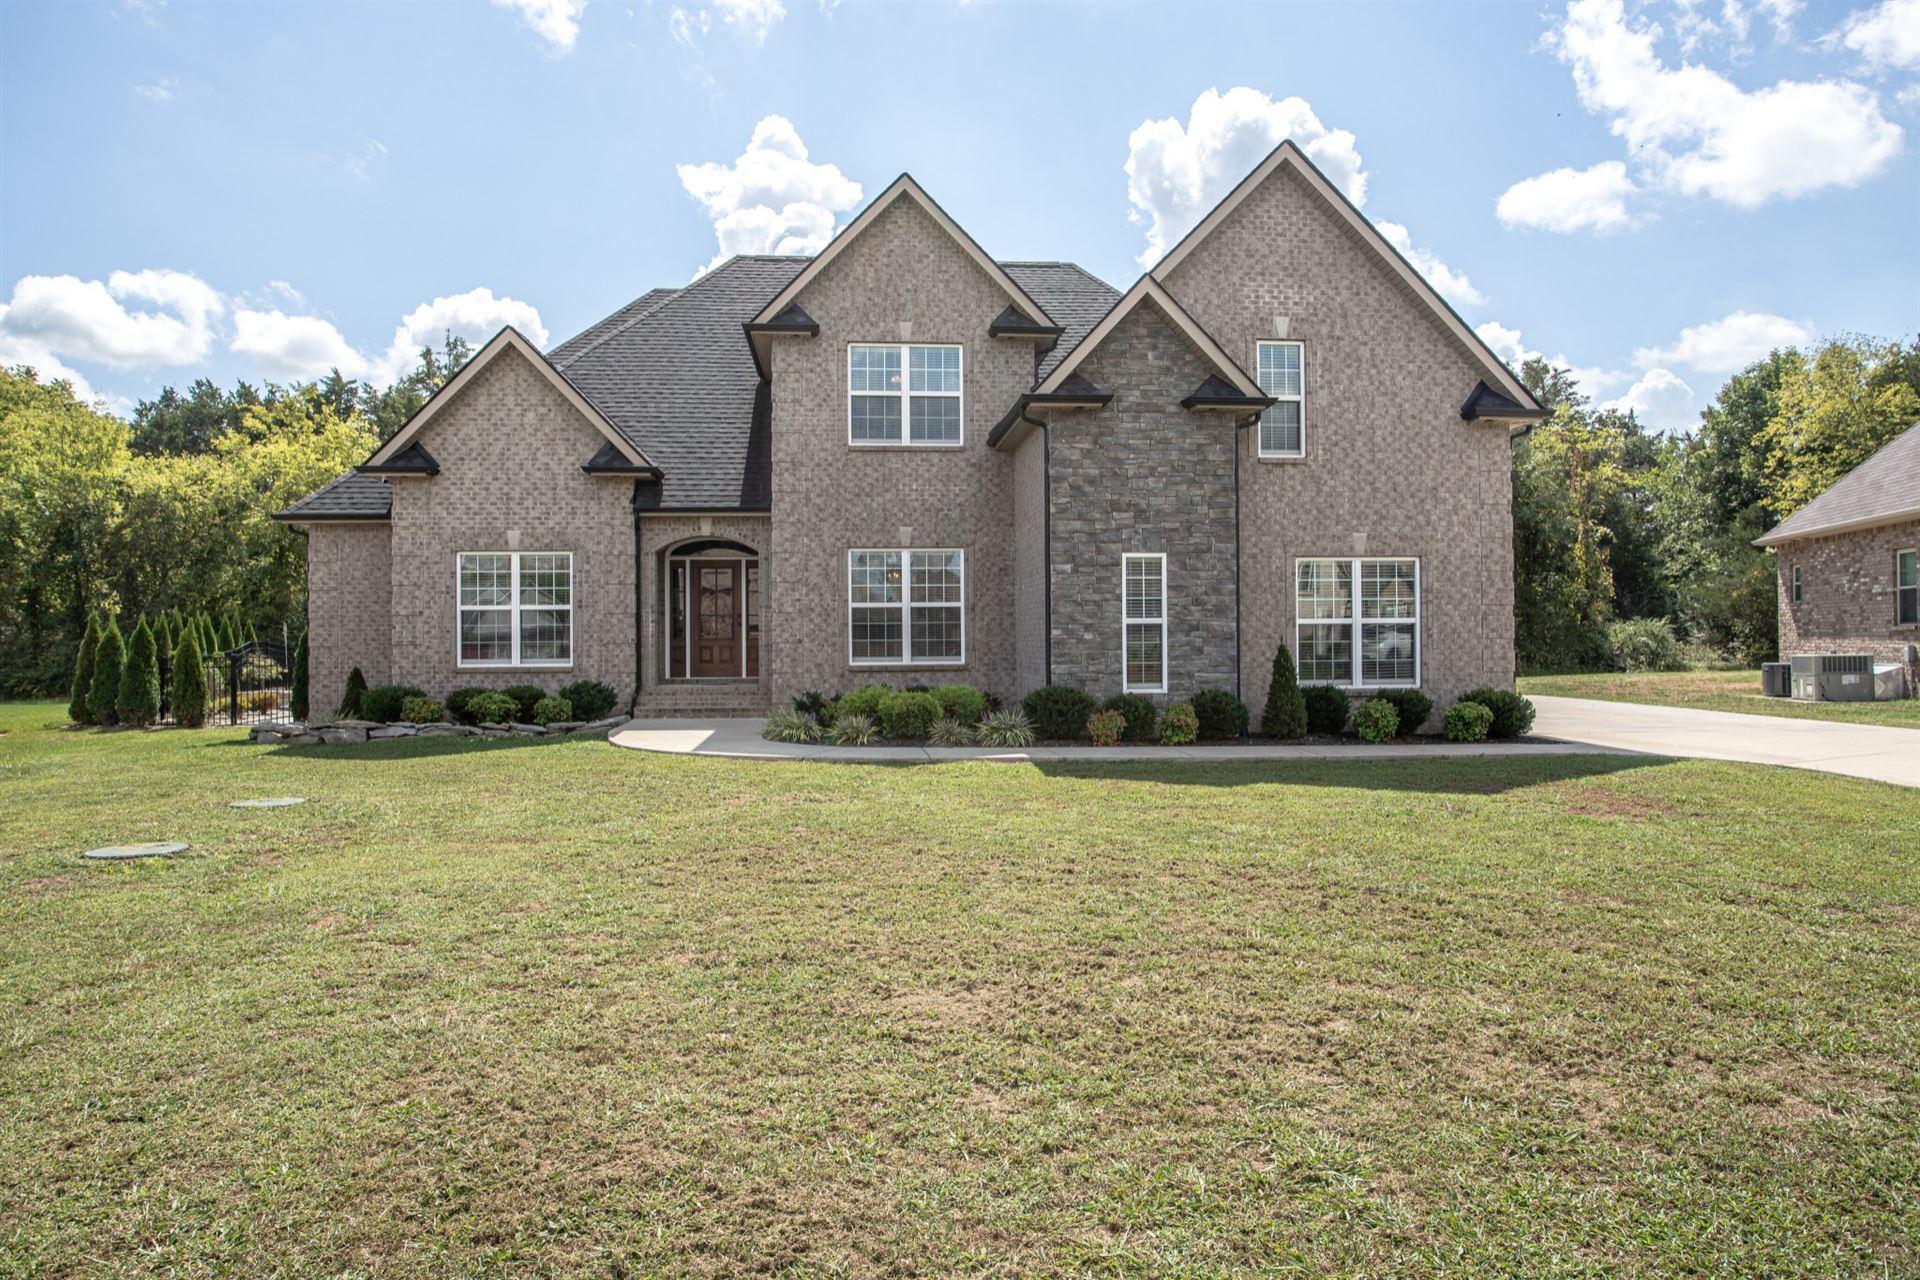 3521 Titus Ln, Murfreesboro, TN 37128 - MLS#: 2291325